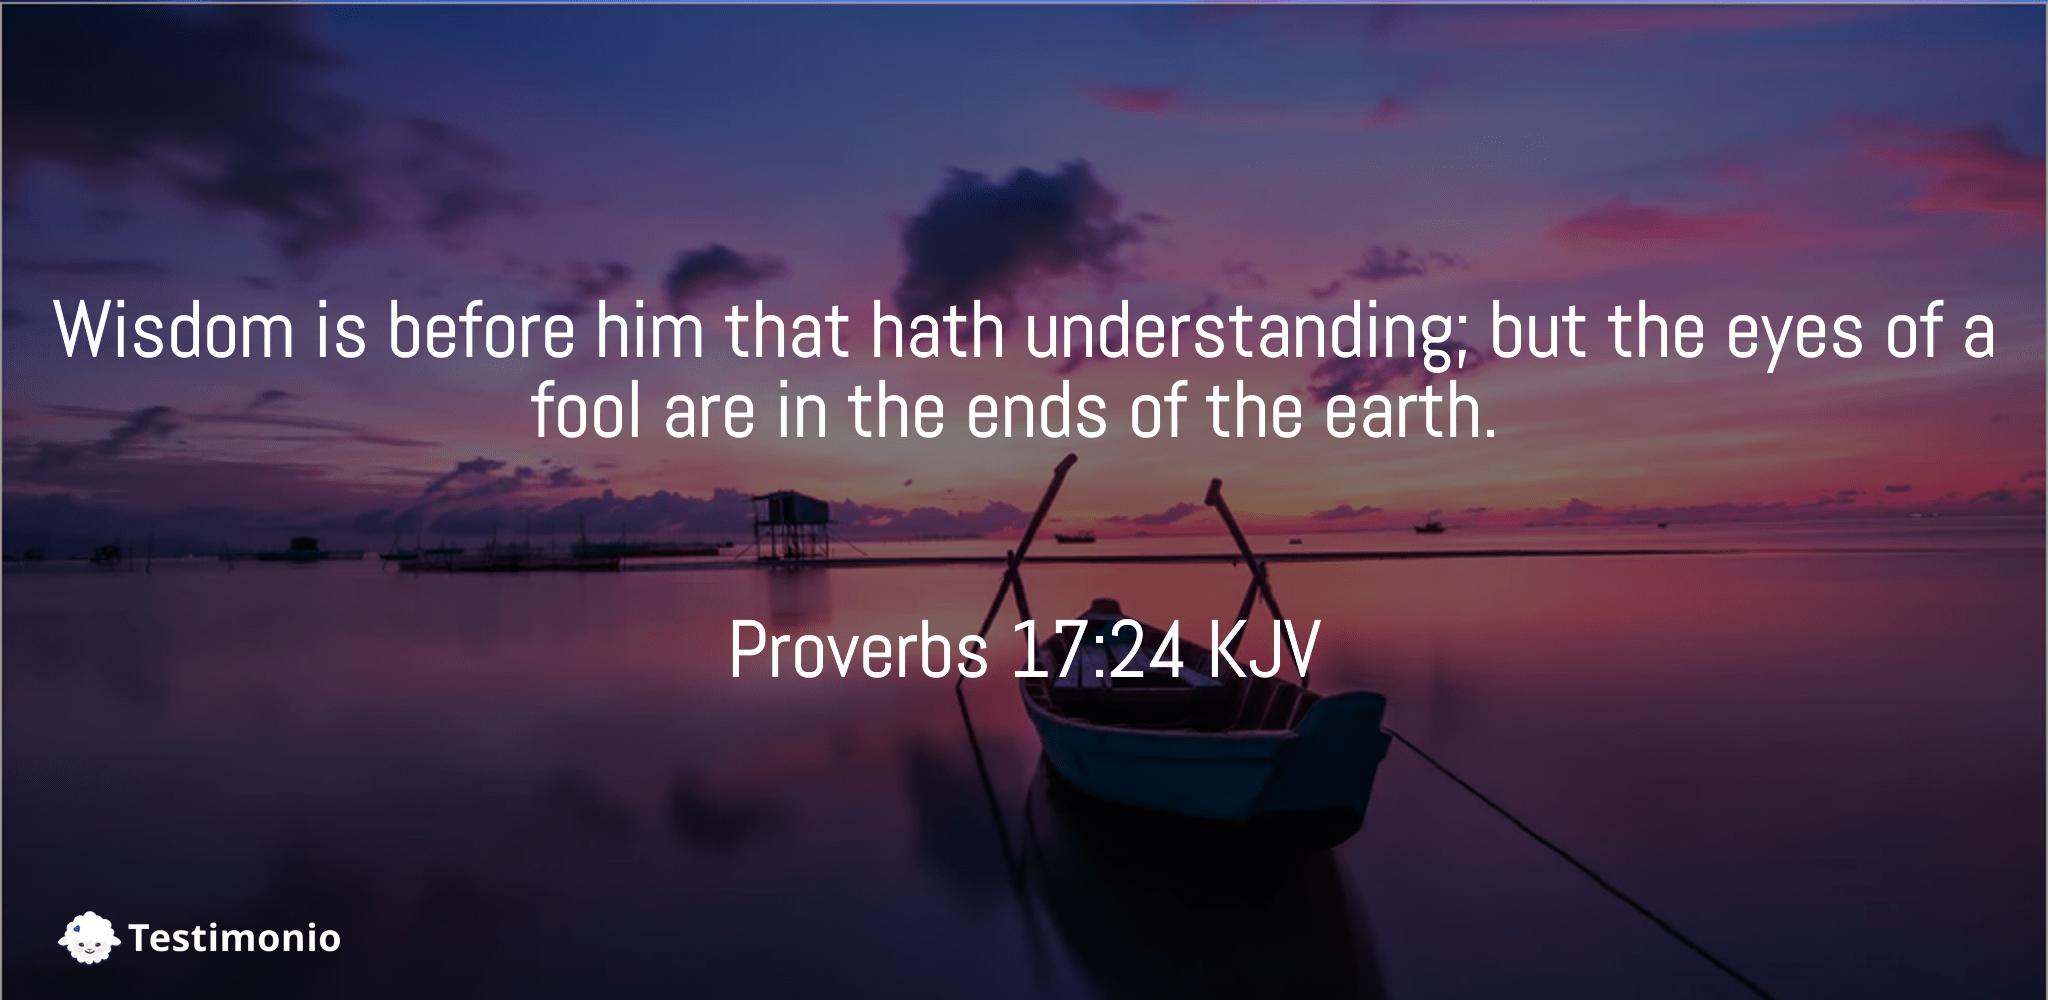 Proverbs 17:24